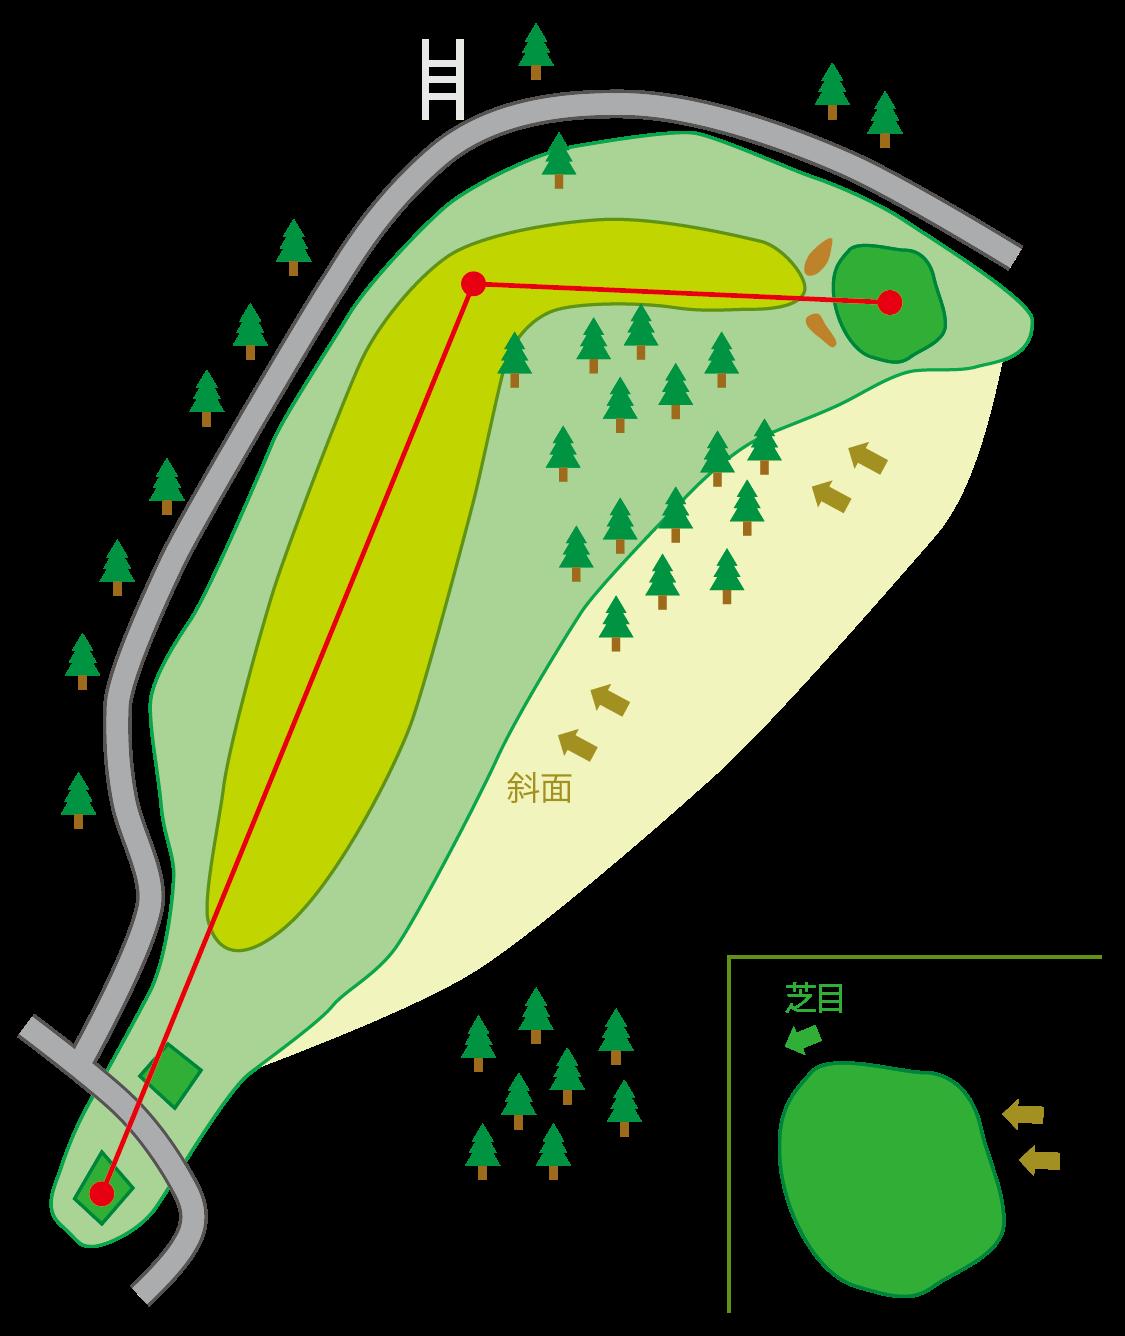 五頭コース HOLE9のコースマップ